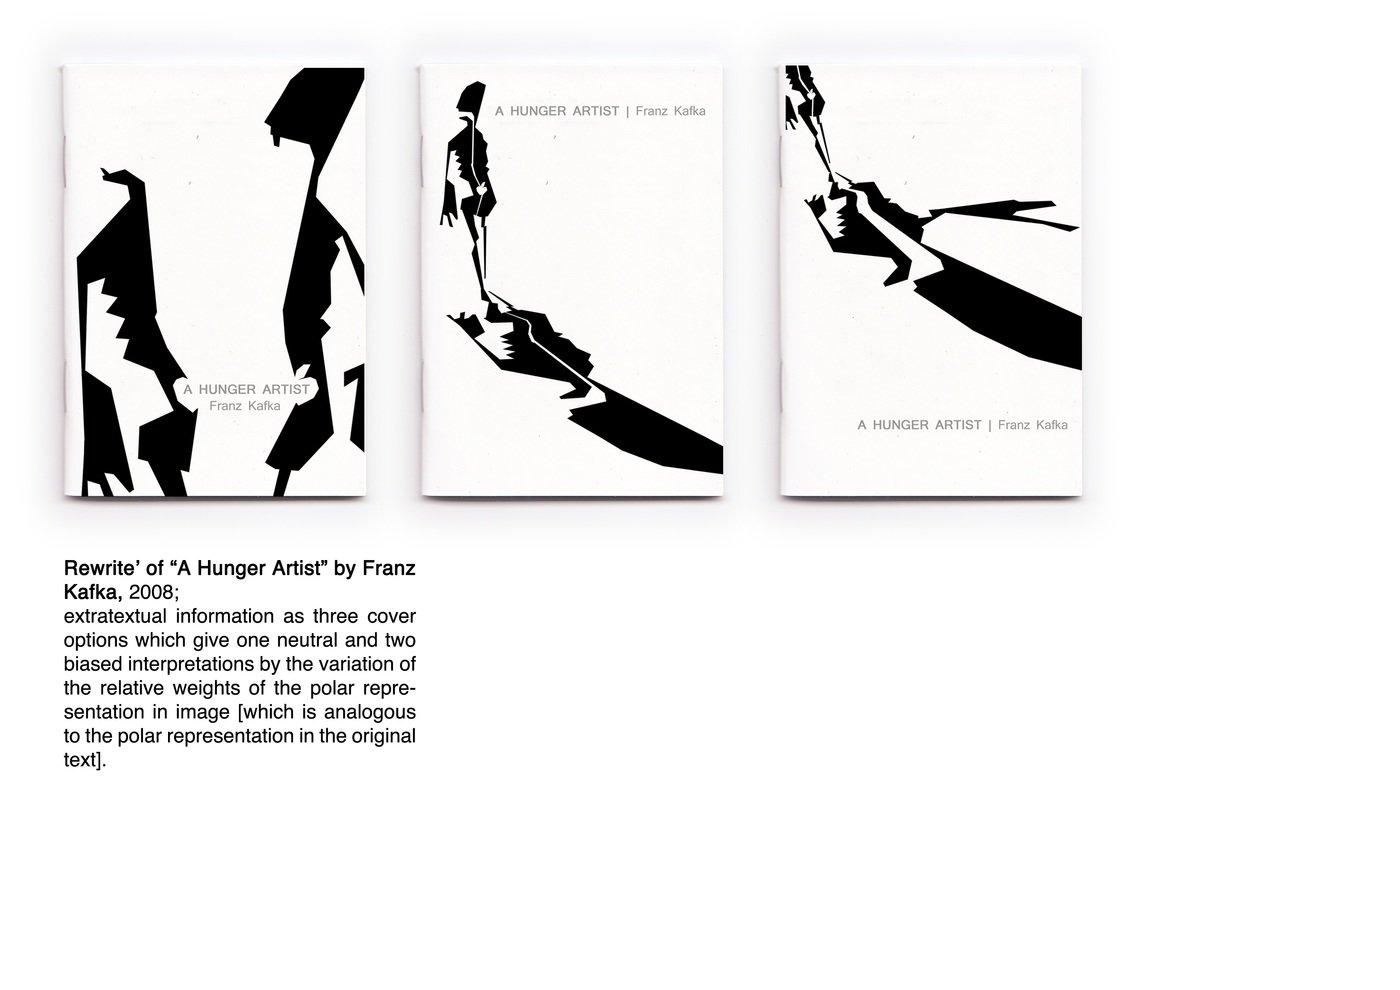 a literary analysis of a hunger artist by franz kafka